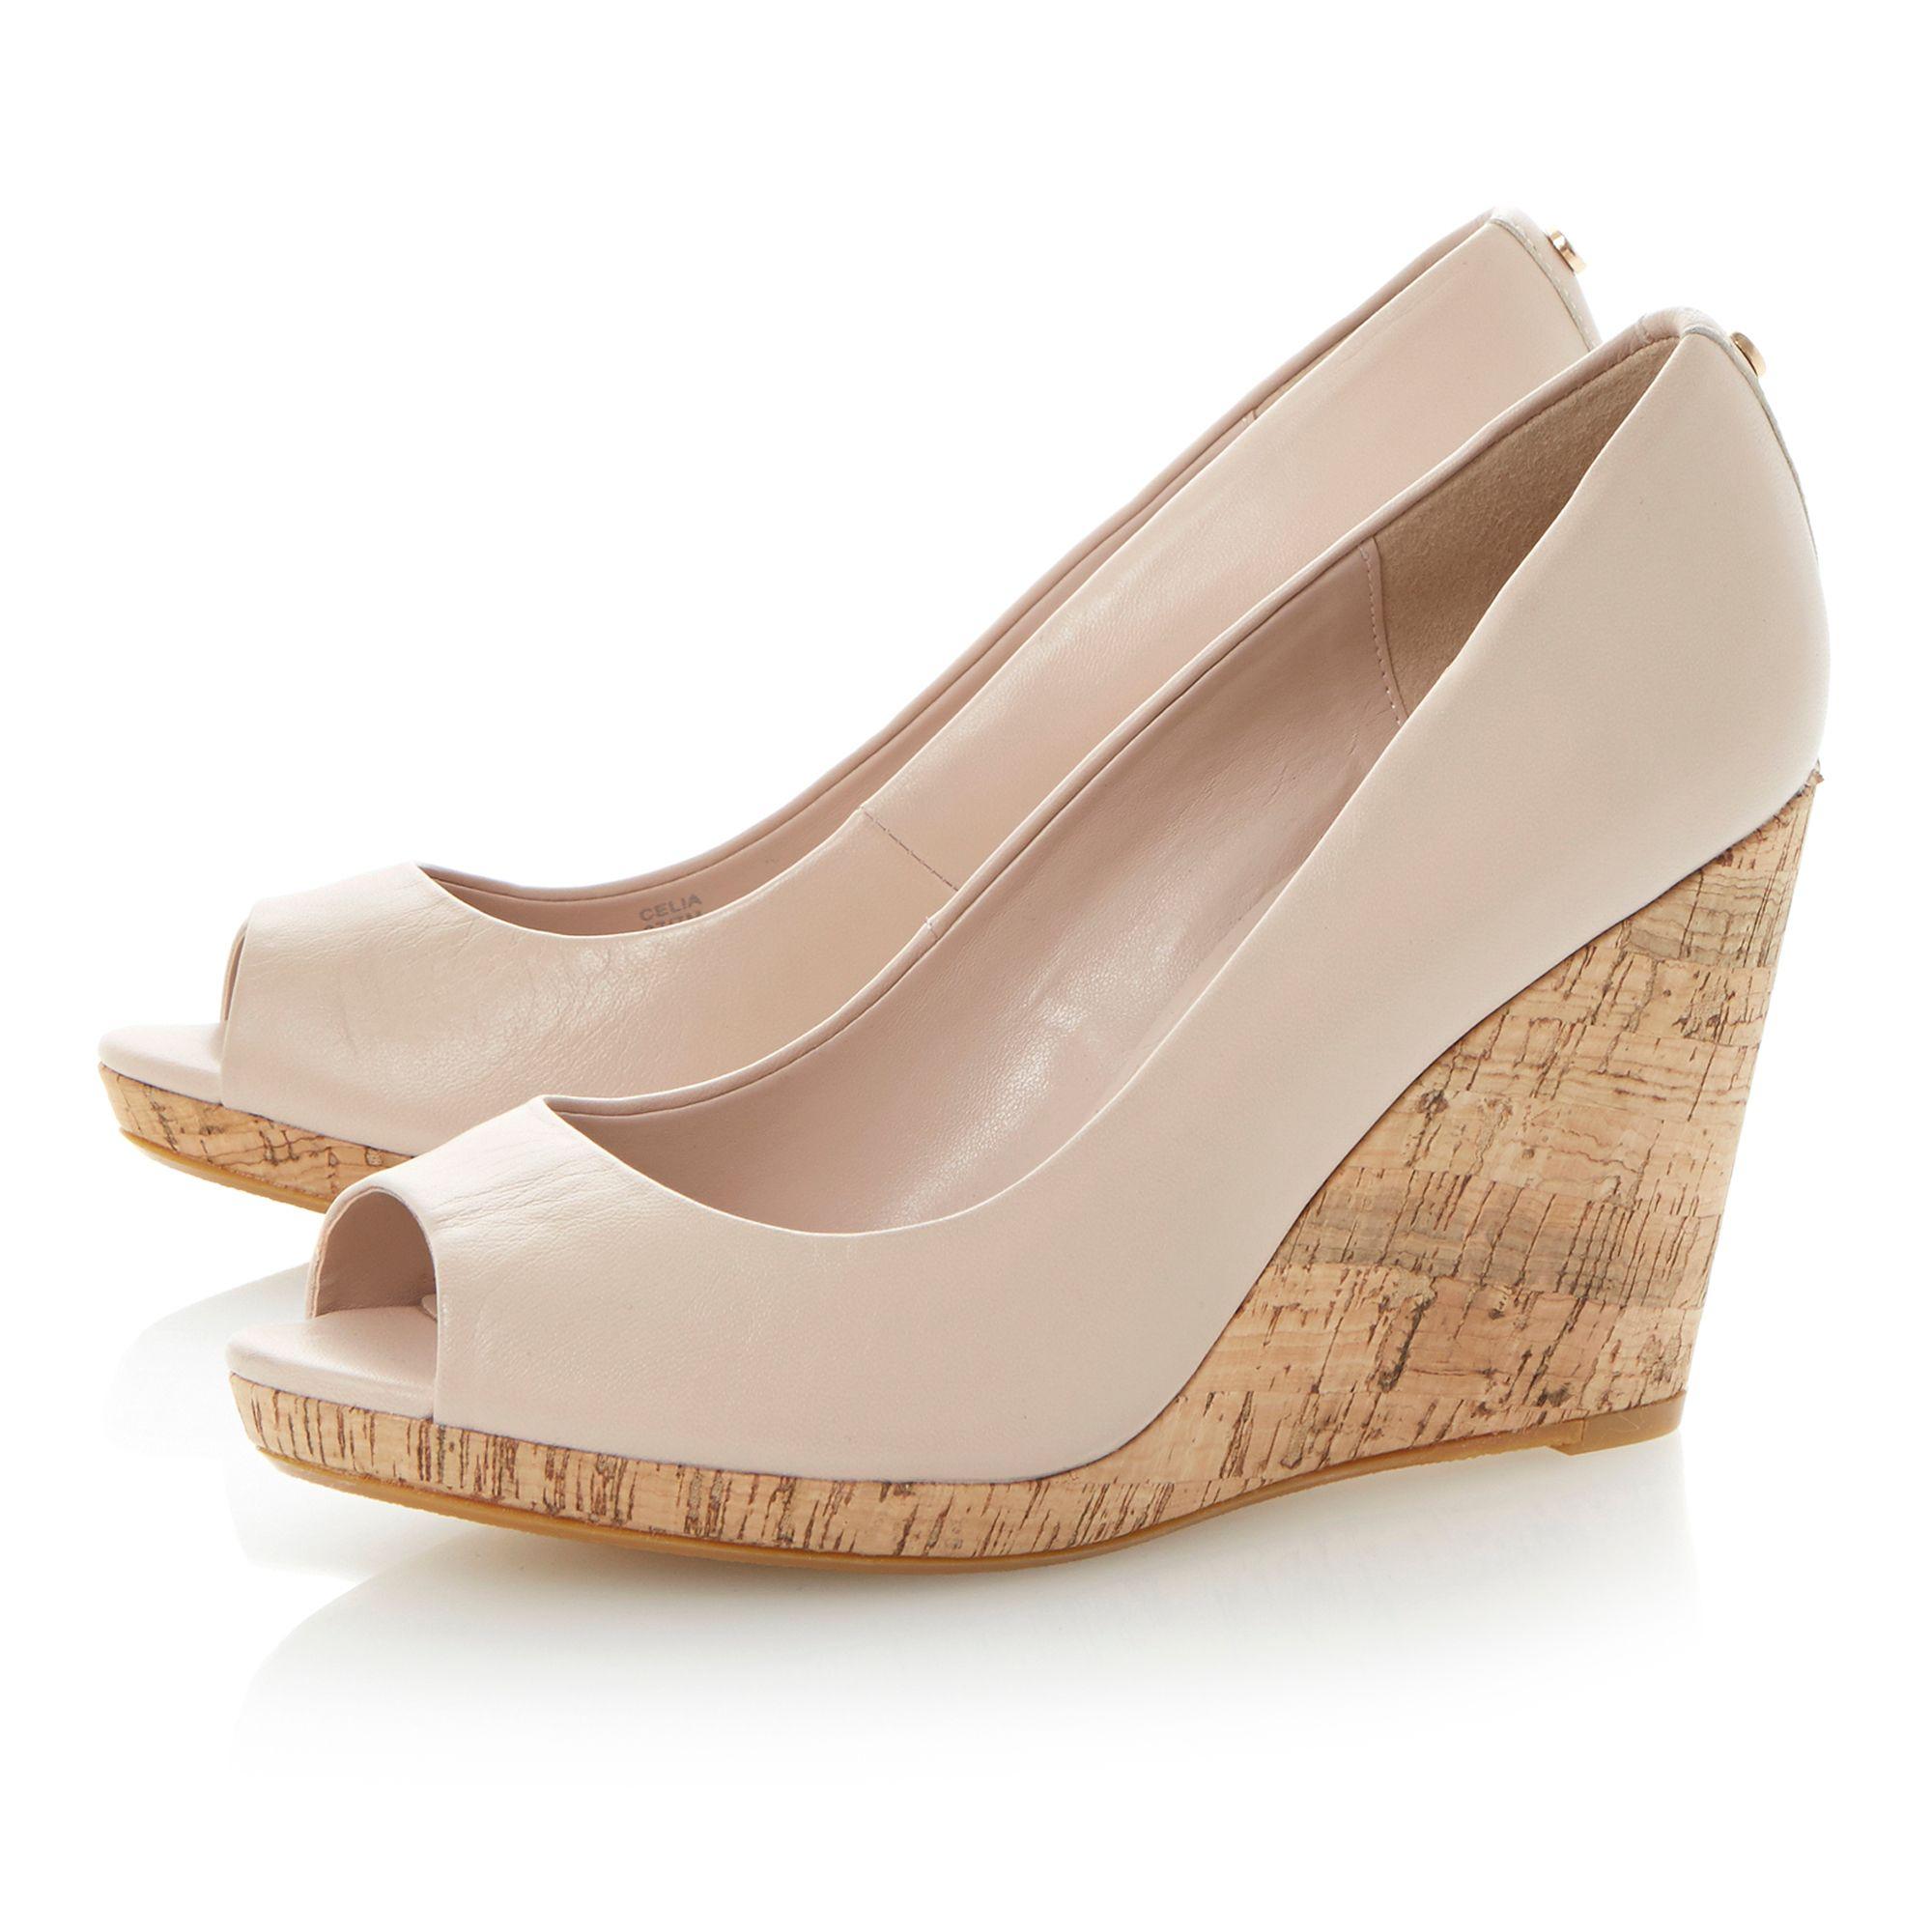 Dune Ladies Shoes Blush